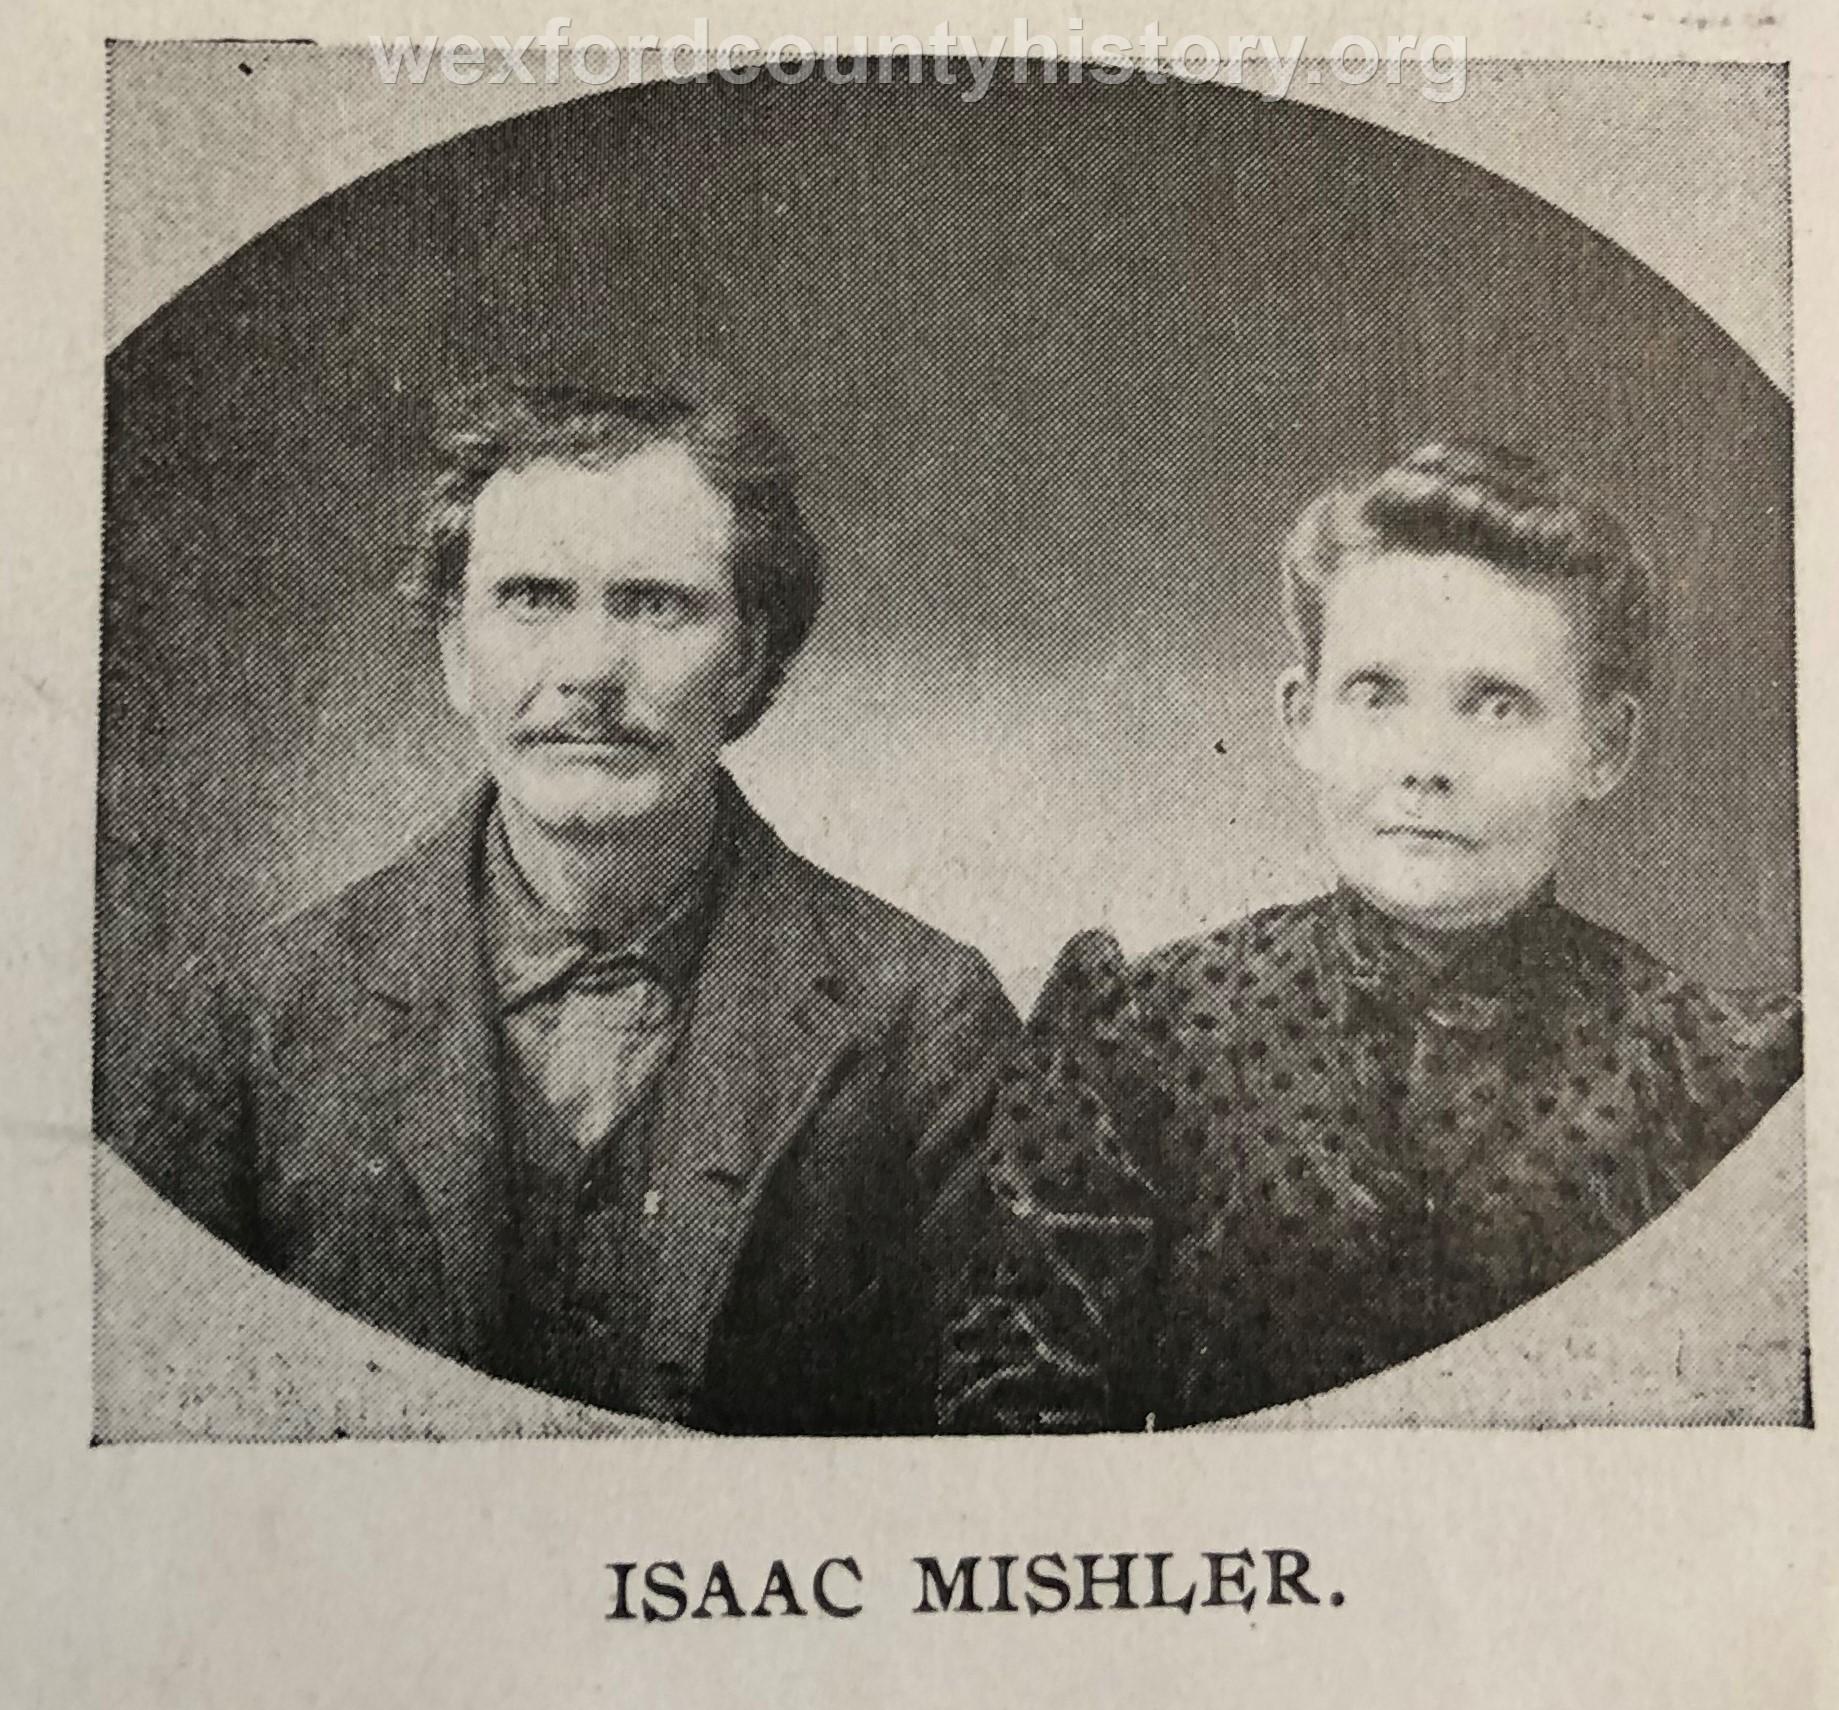 Isaac Missler